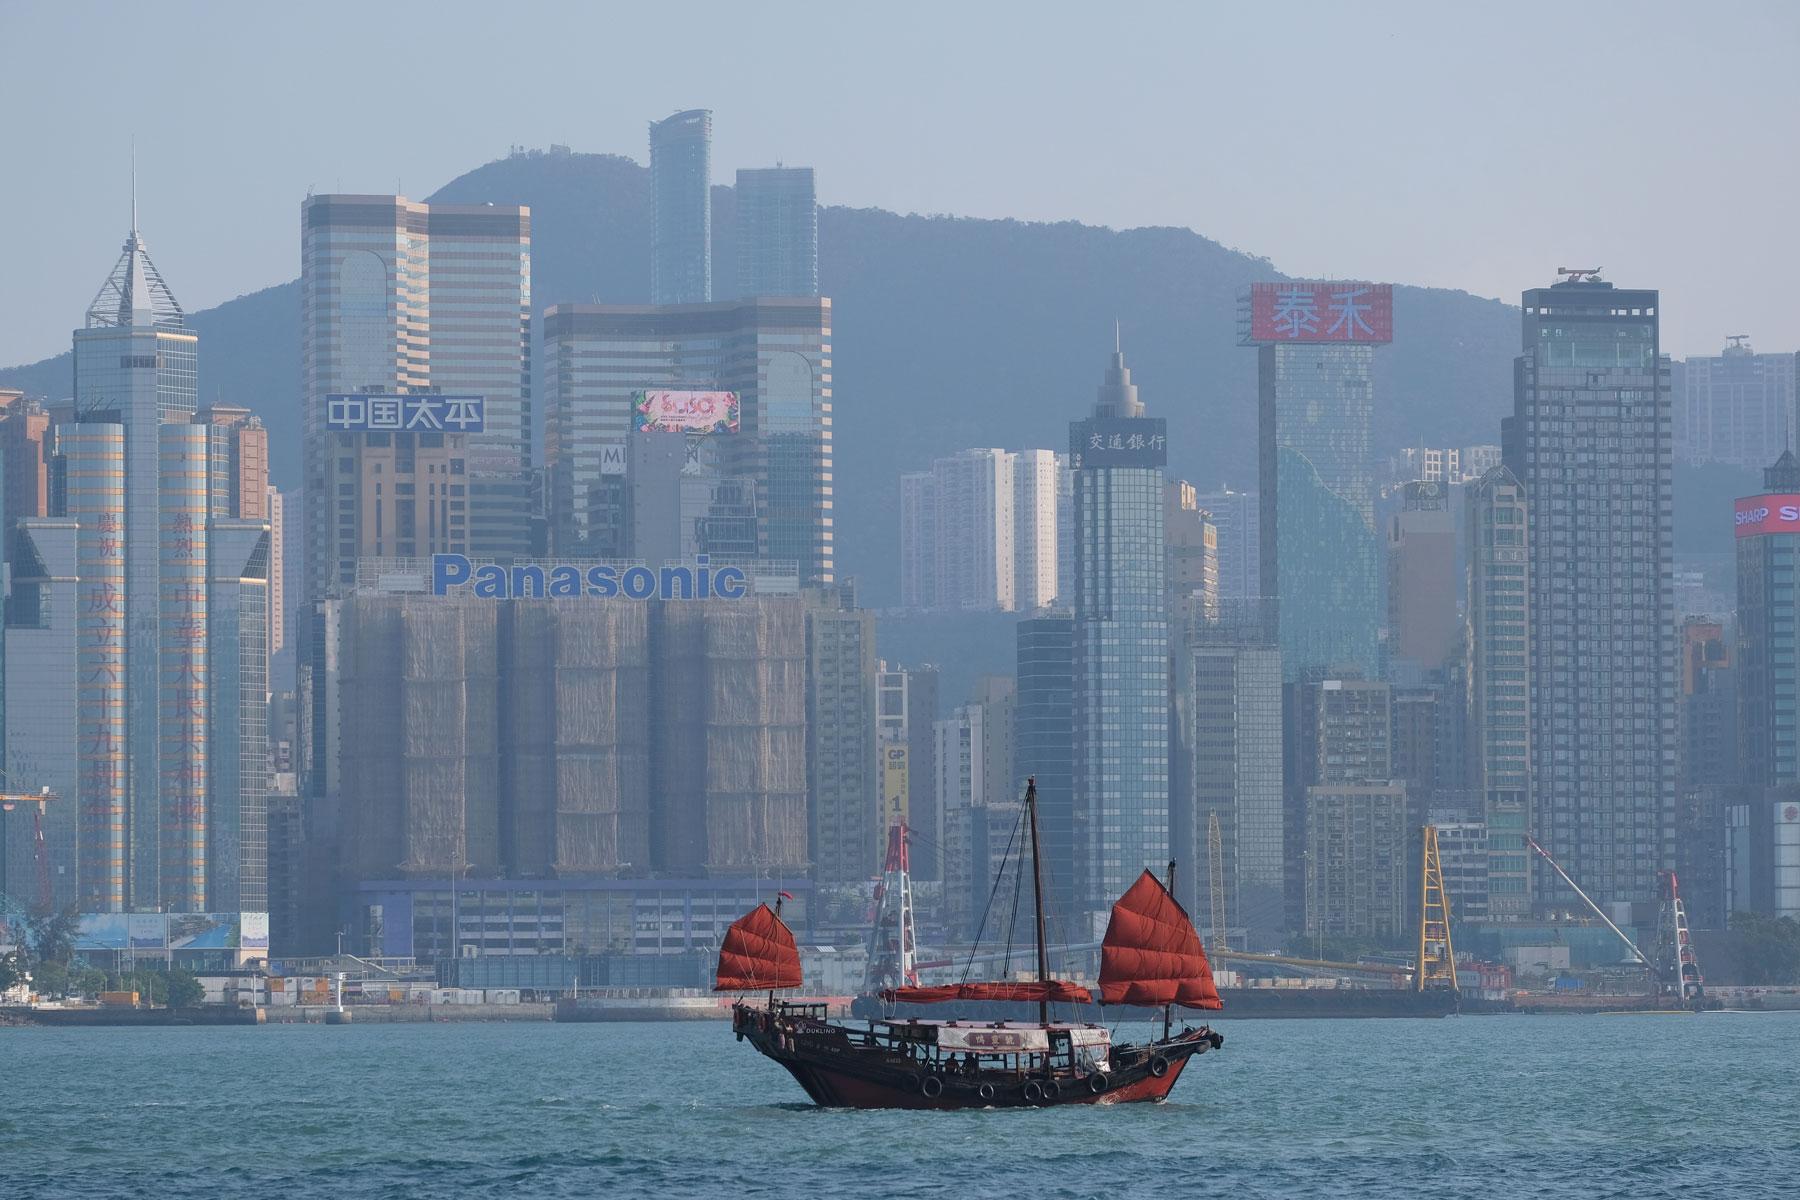 Ein Schiff mit roten Segeln fährt vor der Skyline Hongkongs vorbei